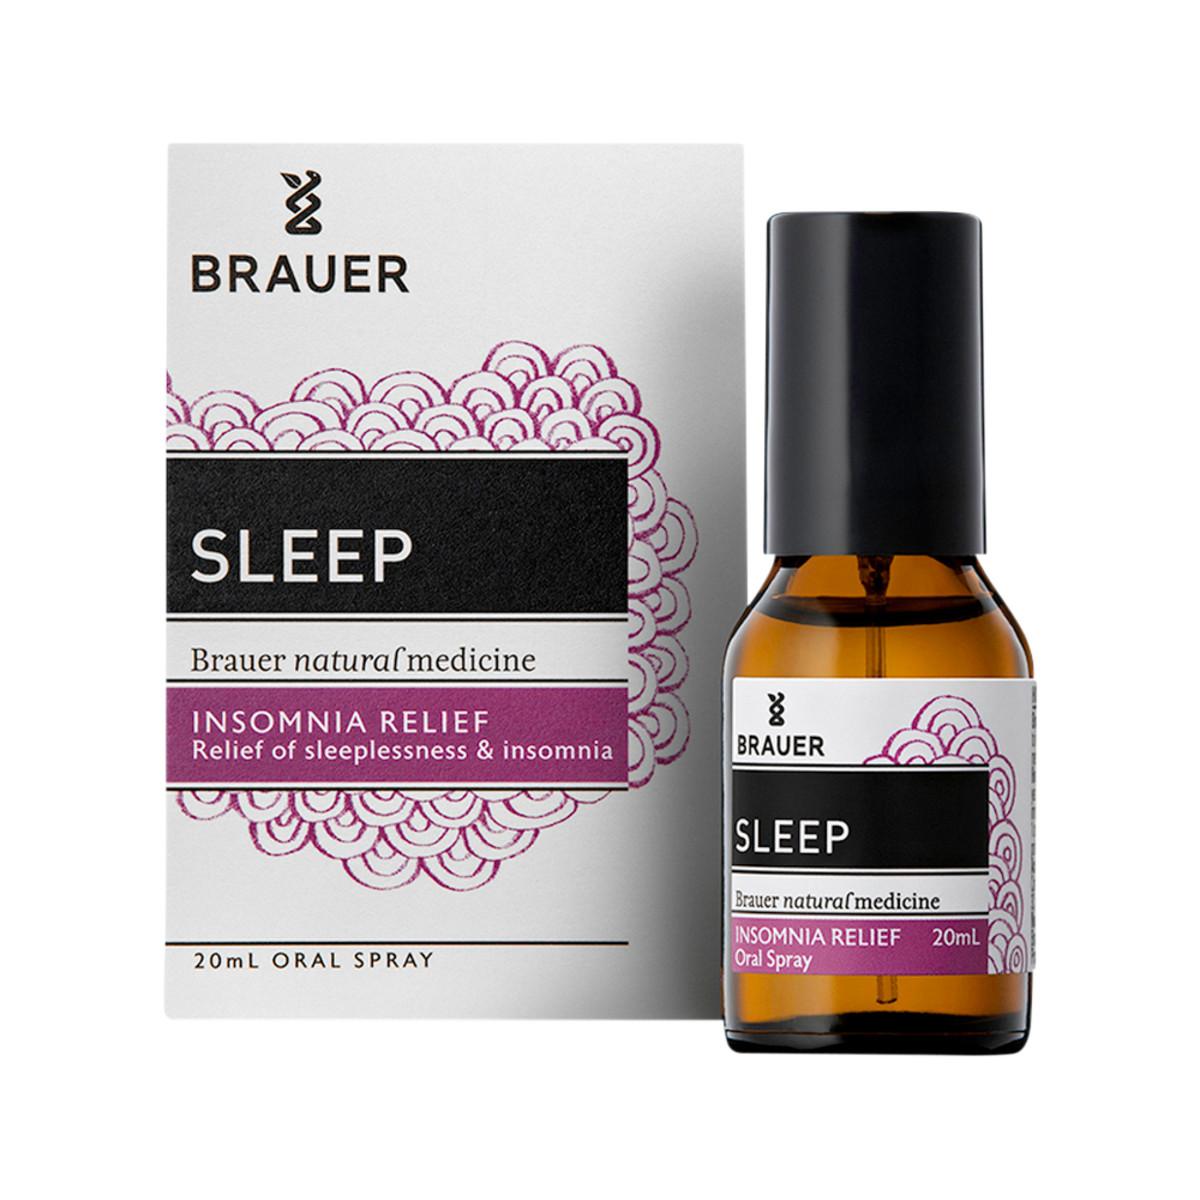 Brauer Sleep Oral Spray 20ml_media-01